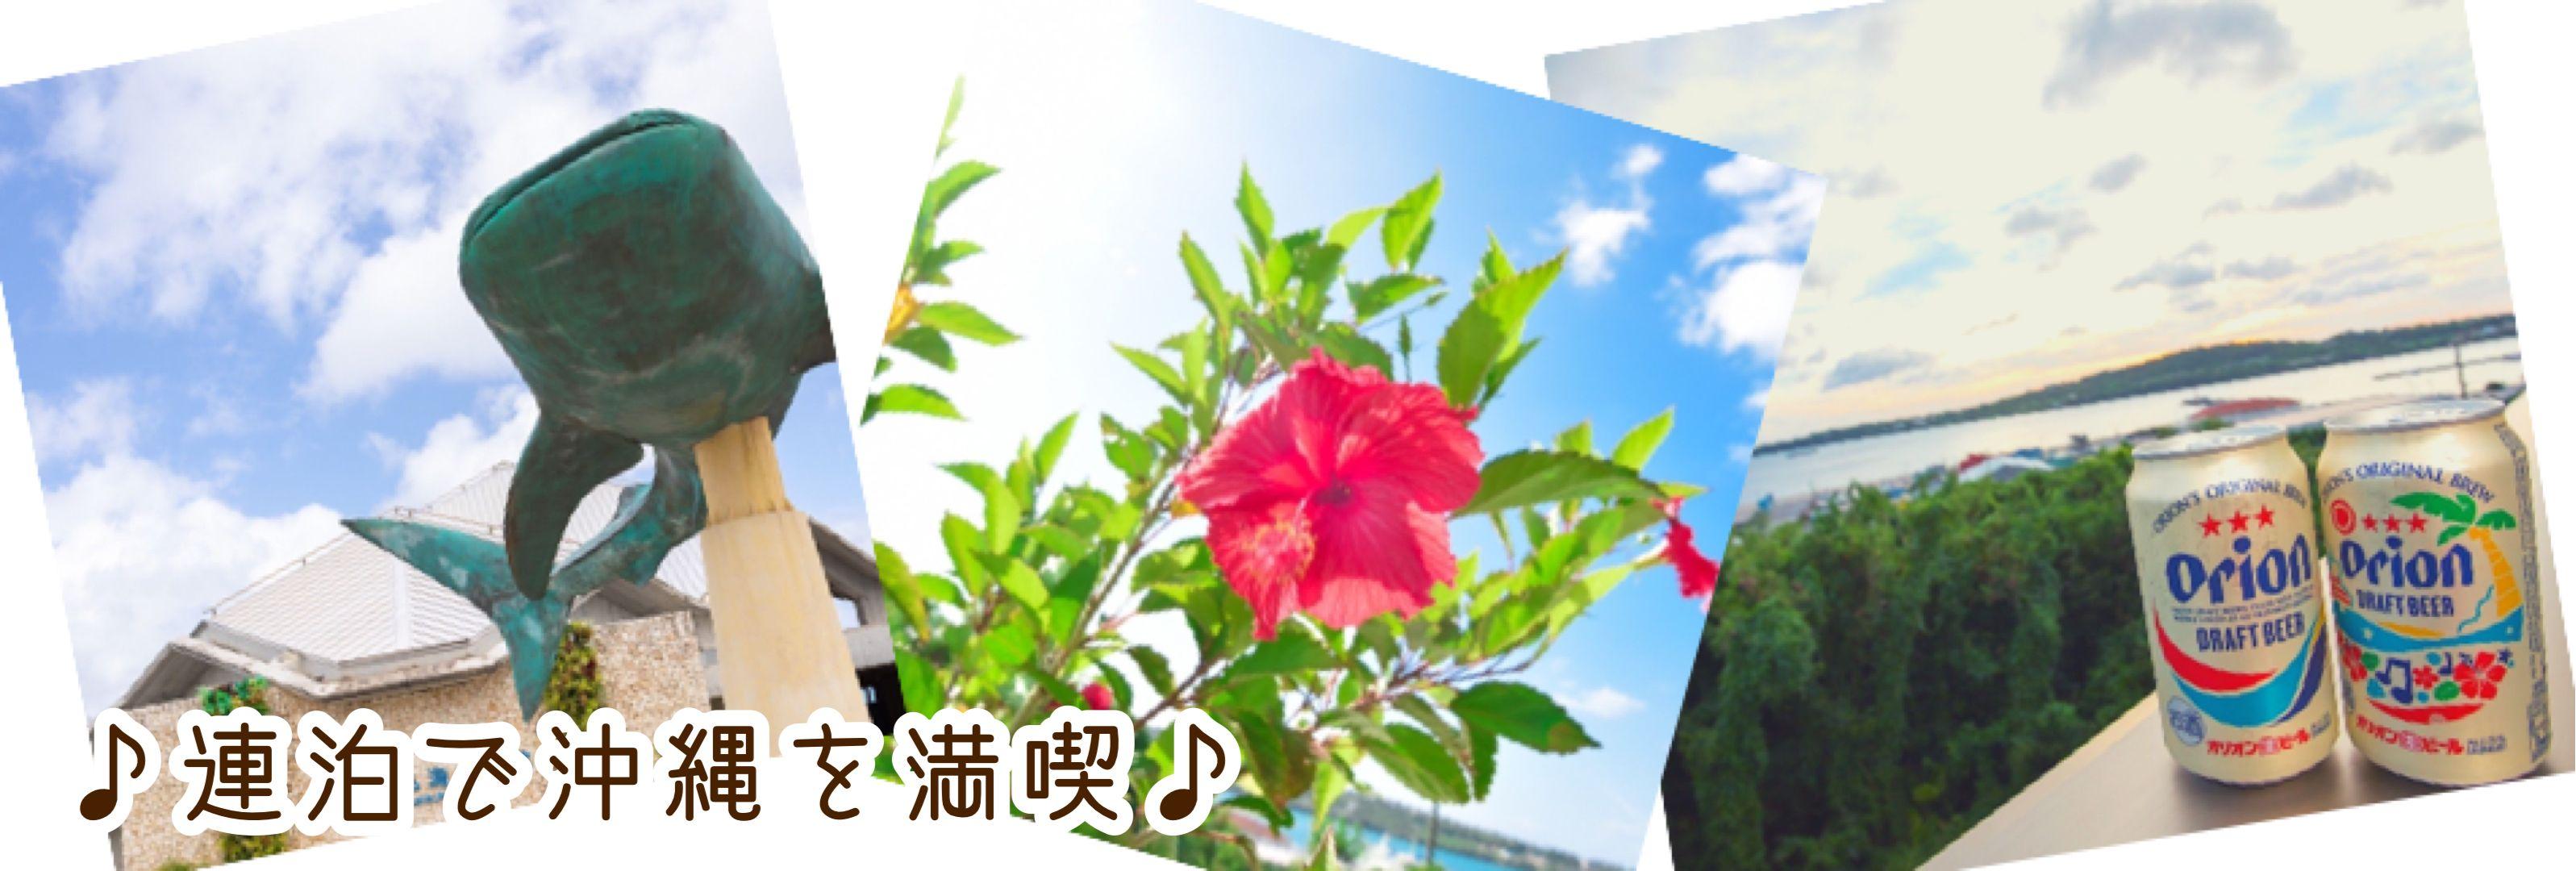 沖縄県本部町/ペンション/美ら海水族館まで車で約13分/Villa・Charme(ヴィラシャルム)